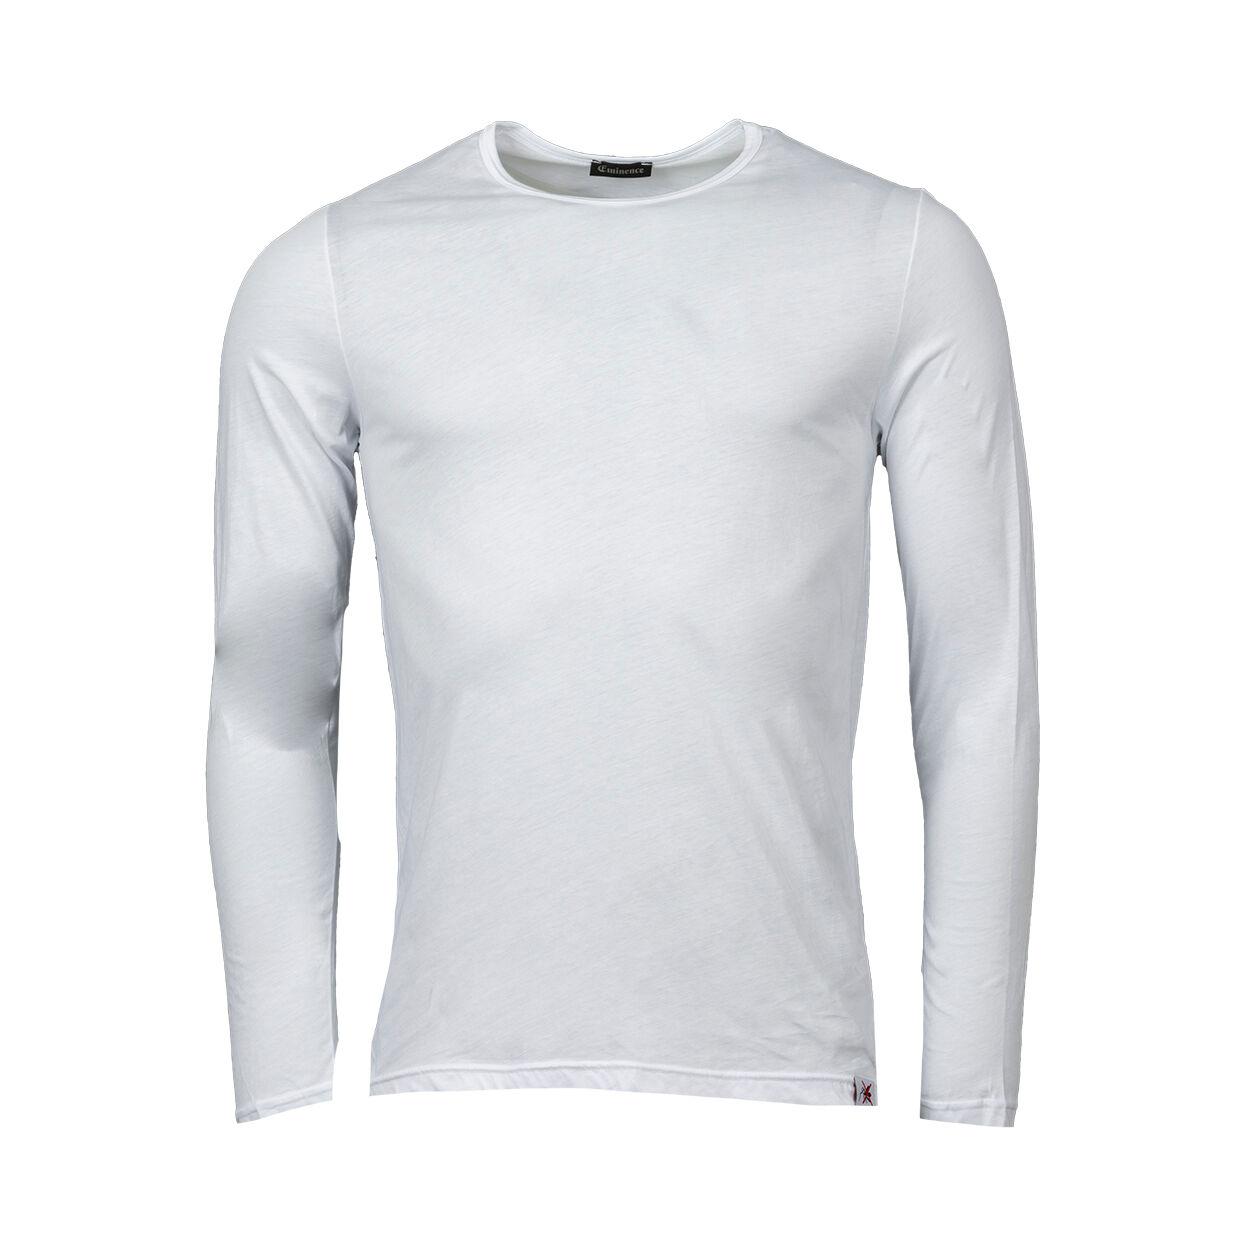 Eminence Tee-shirt anti-moustiques à col rond Eminence en coton blanc - BLANC - L